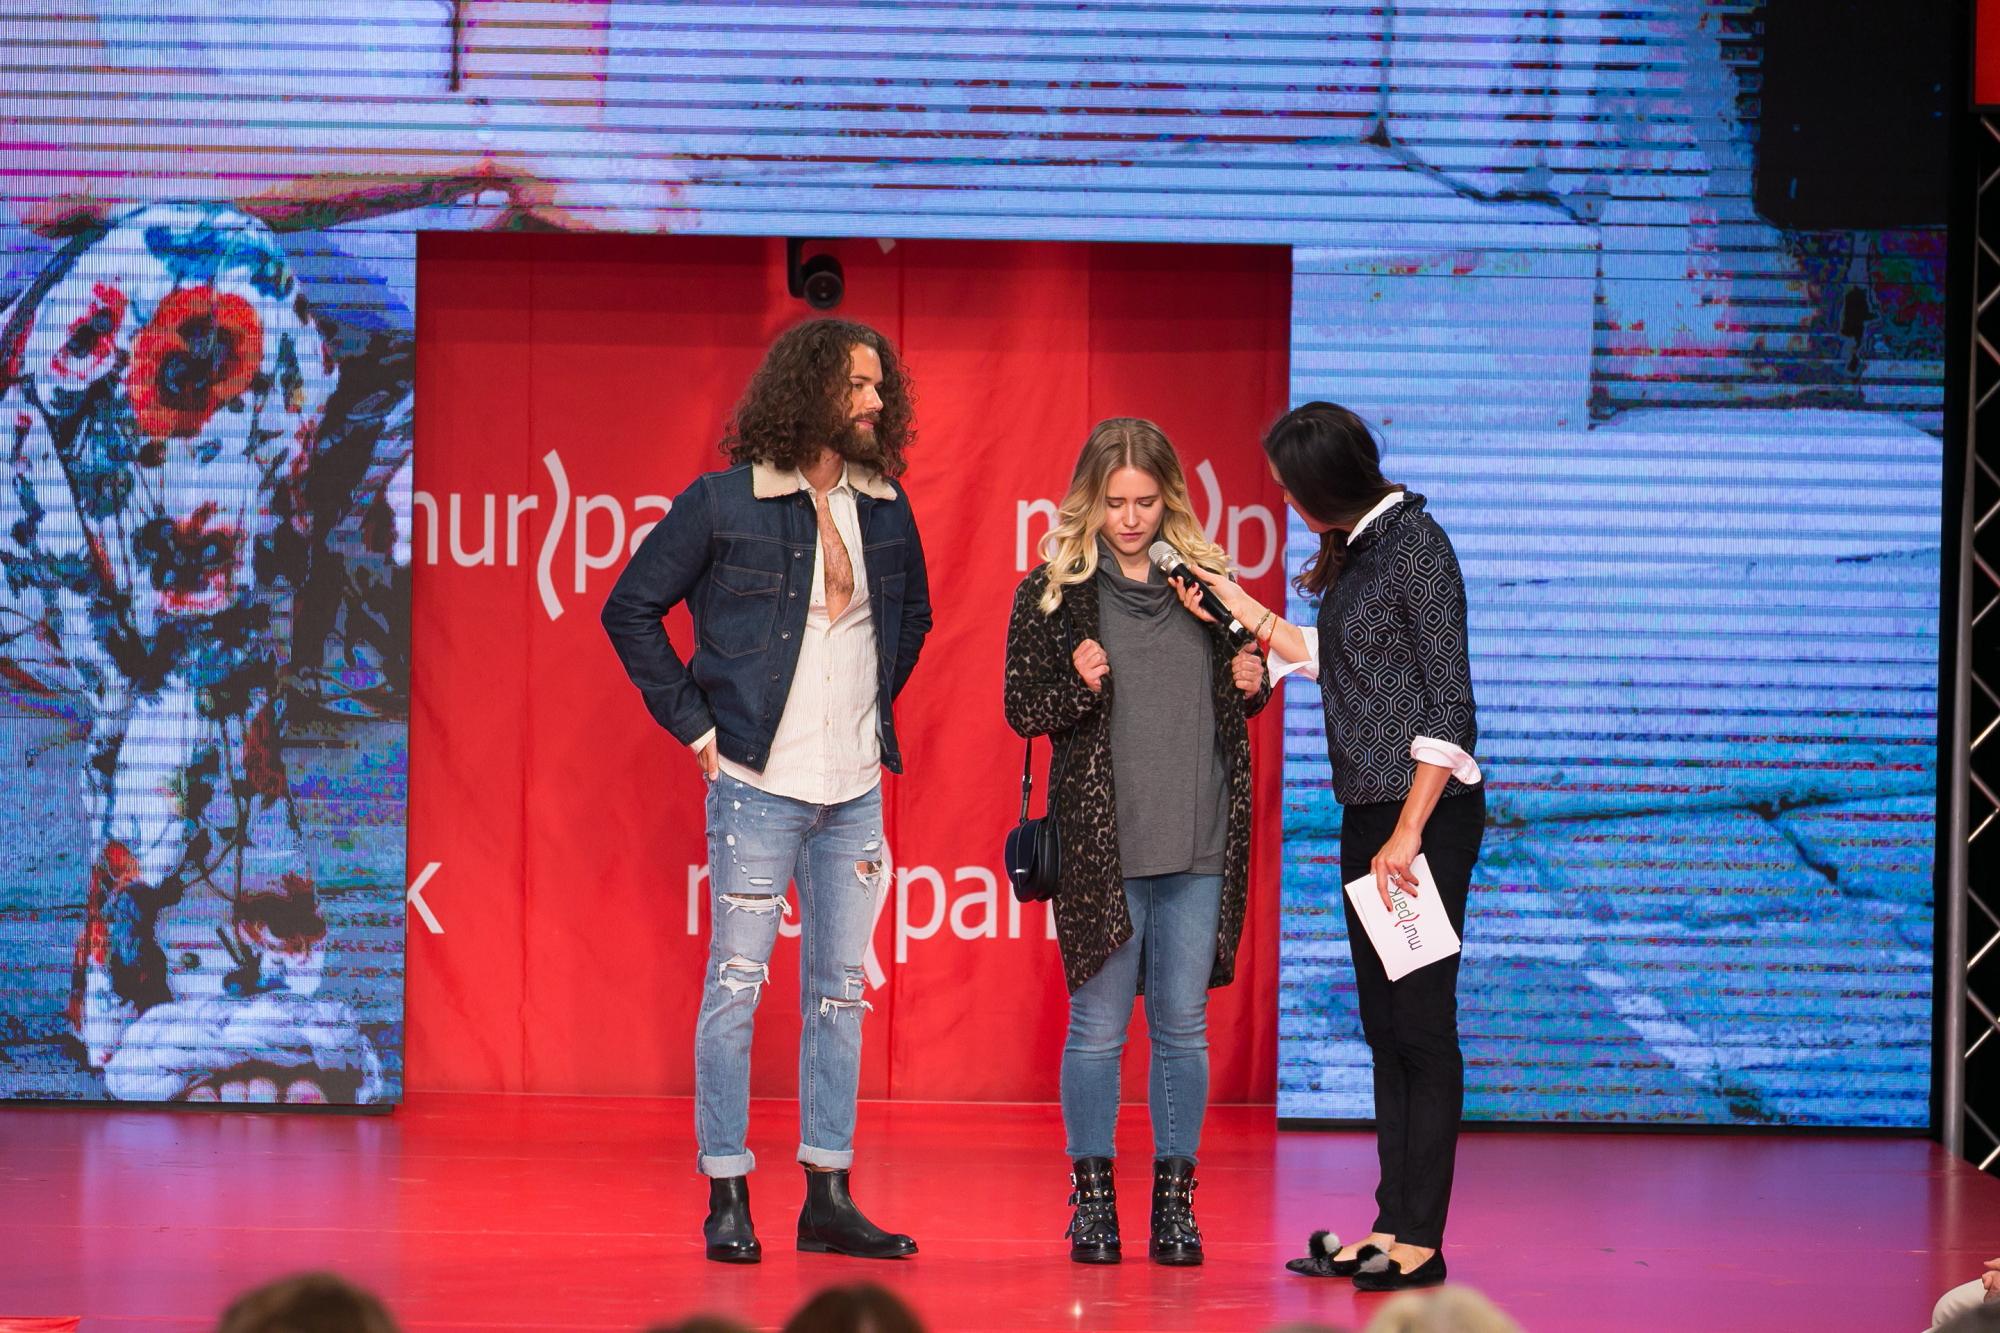 +HankGe, Hank Ge, fashion blog, men blog, wien, Vienna , lifestyle Blog, menblog , Vienna blogger, wien blog , MURPARK , Fashion Show, runway, laufsteg